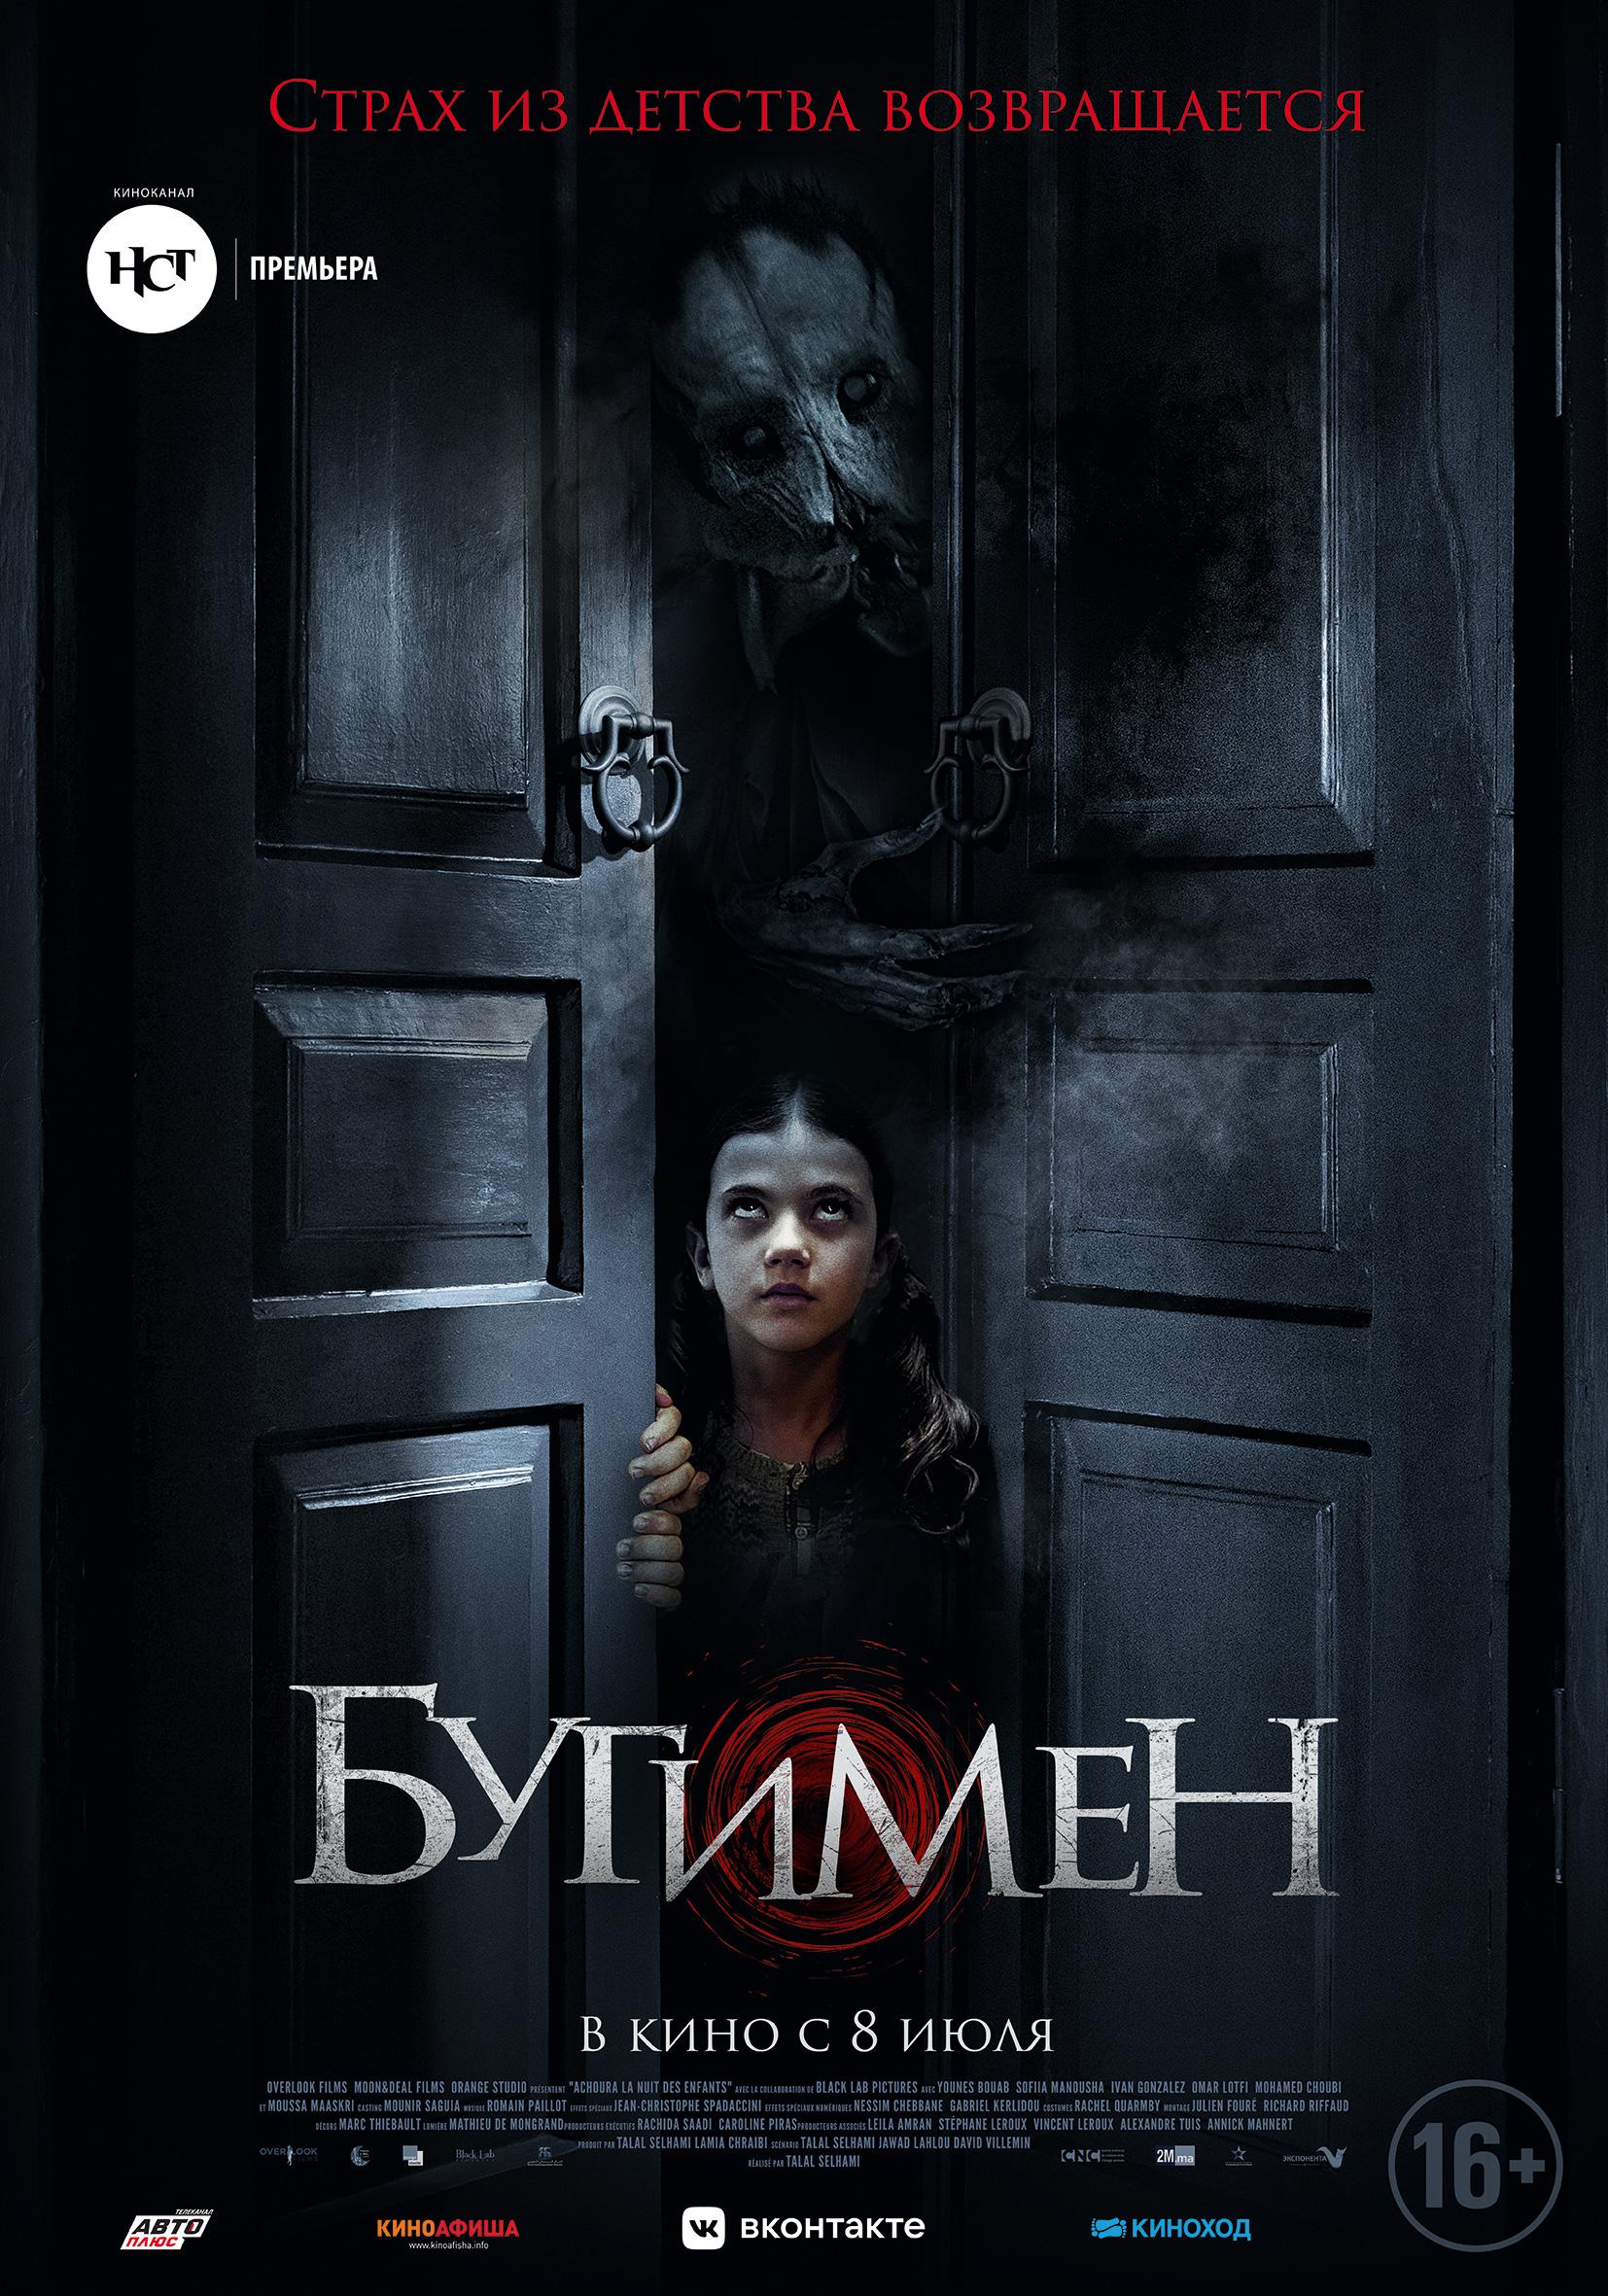 Демон возвращается за маленькими детьми в русском трейлере хоррора «Бугимен»